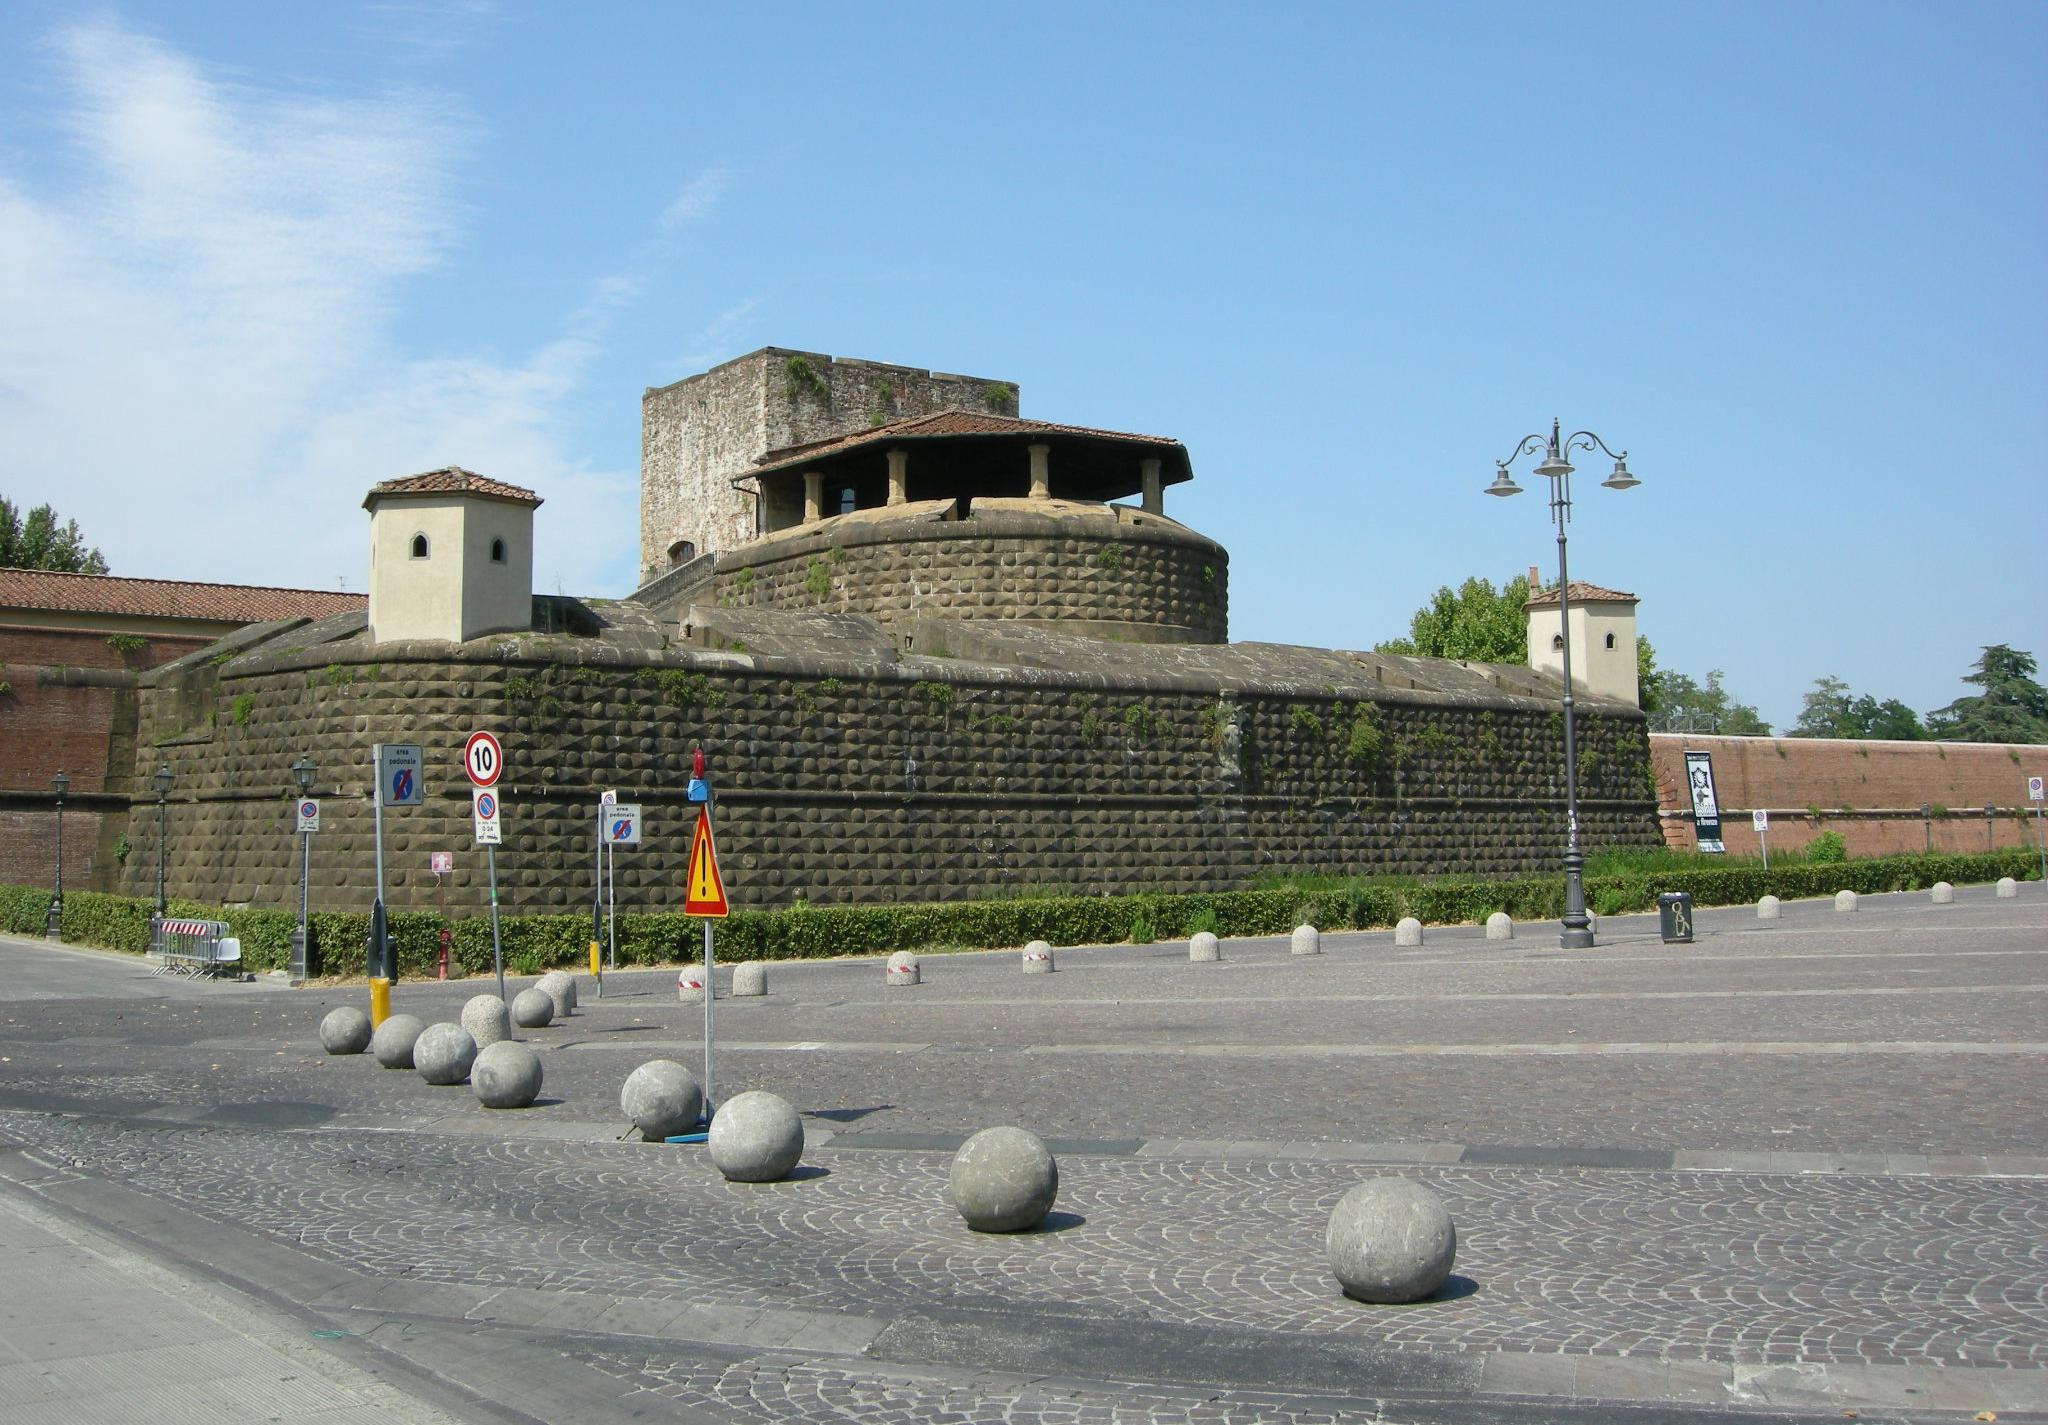 Piazzale Fortezza da Basso